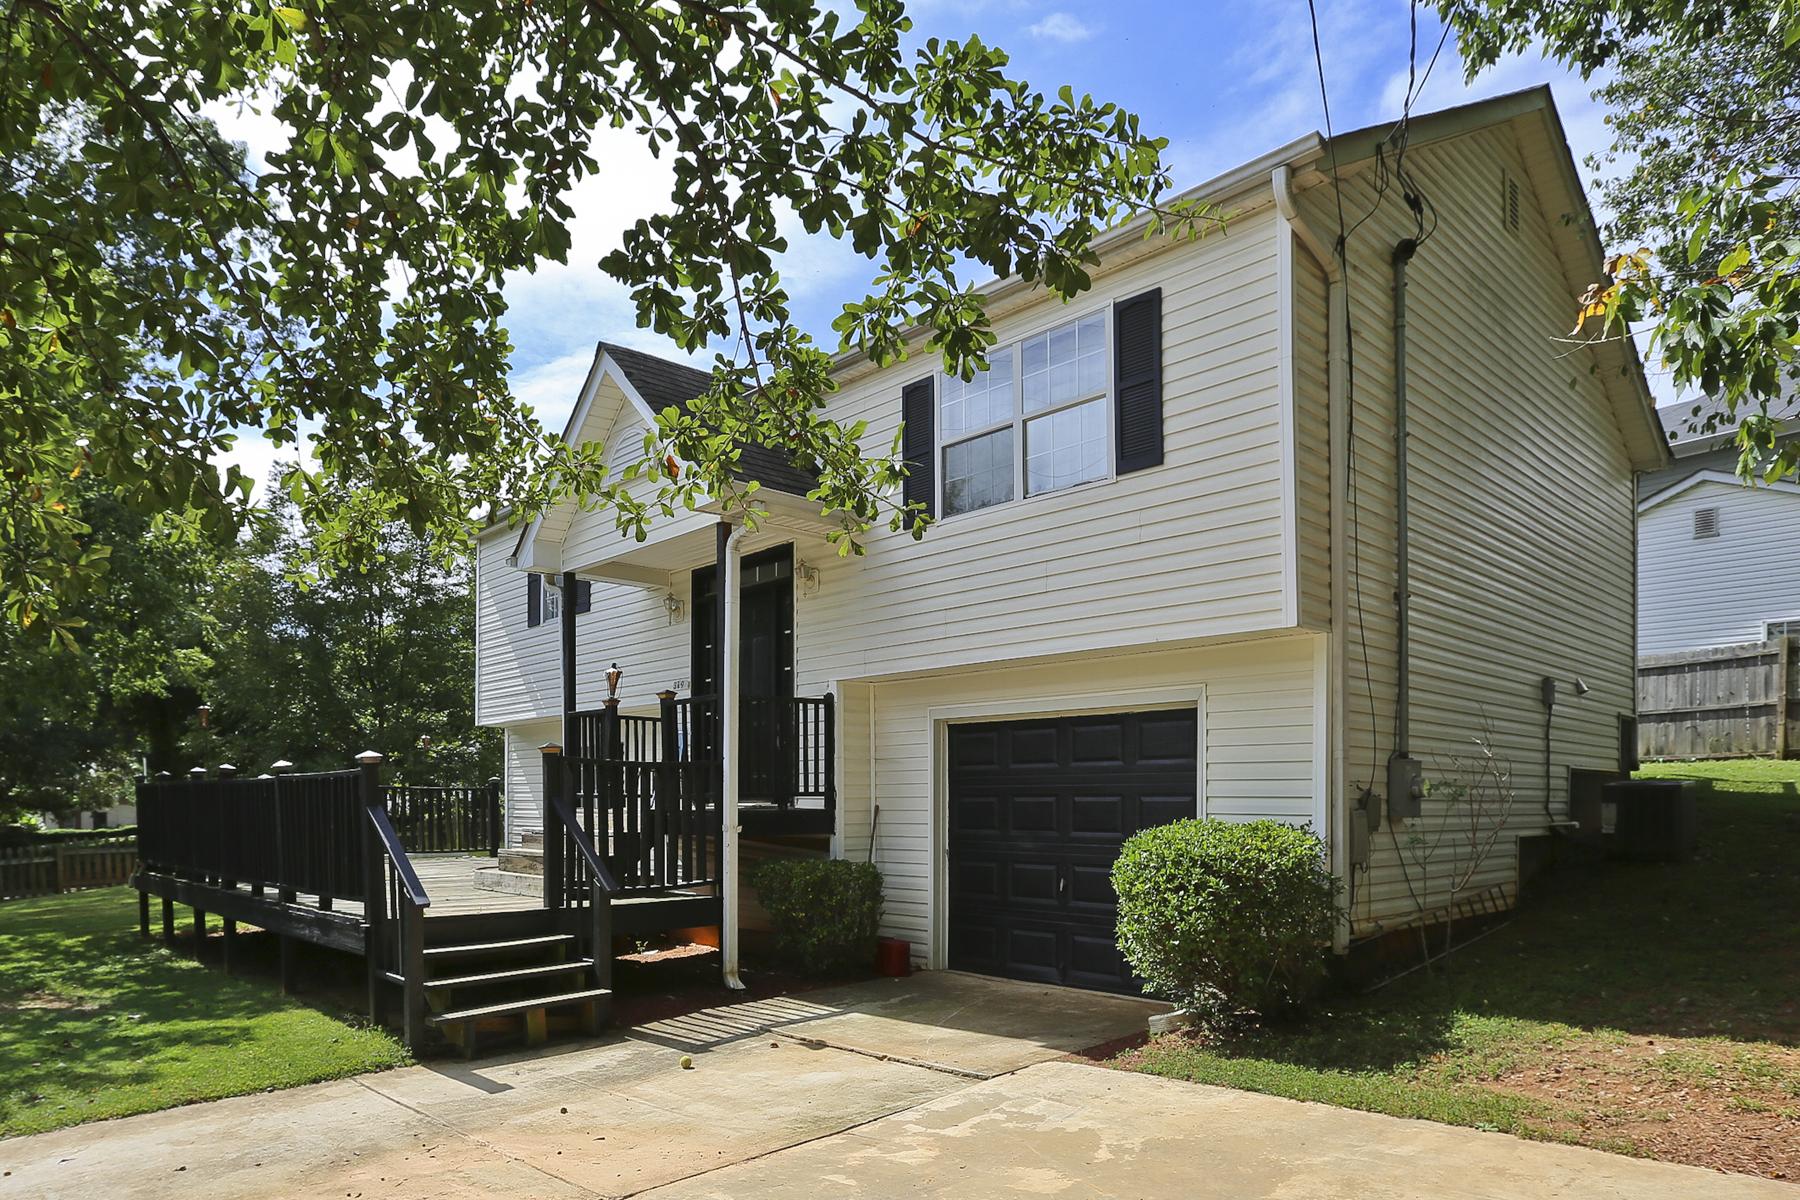 단독 가정 주택 용 매매 에 Opportunity Knocking in Brookhaven 3192 Osborne Road NE Brookhaven, Atlanta, 조지아 30319 미국